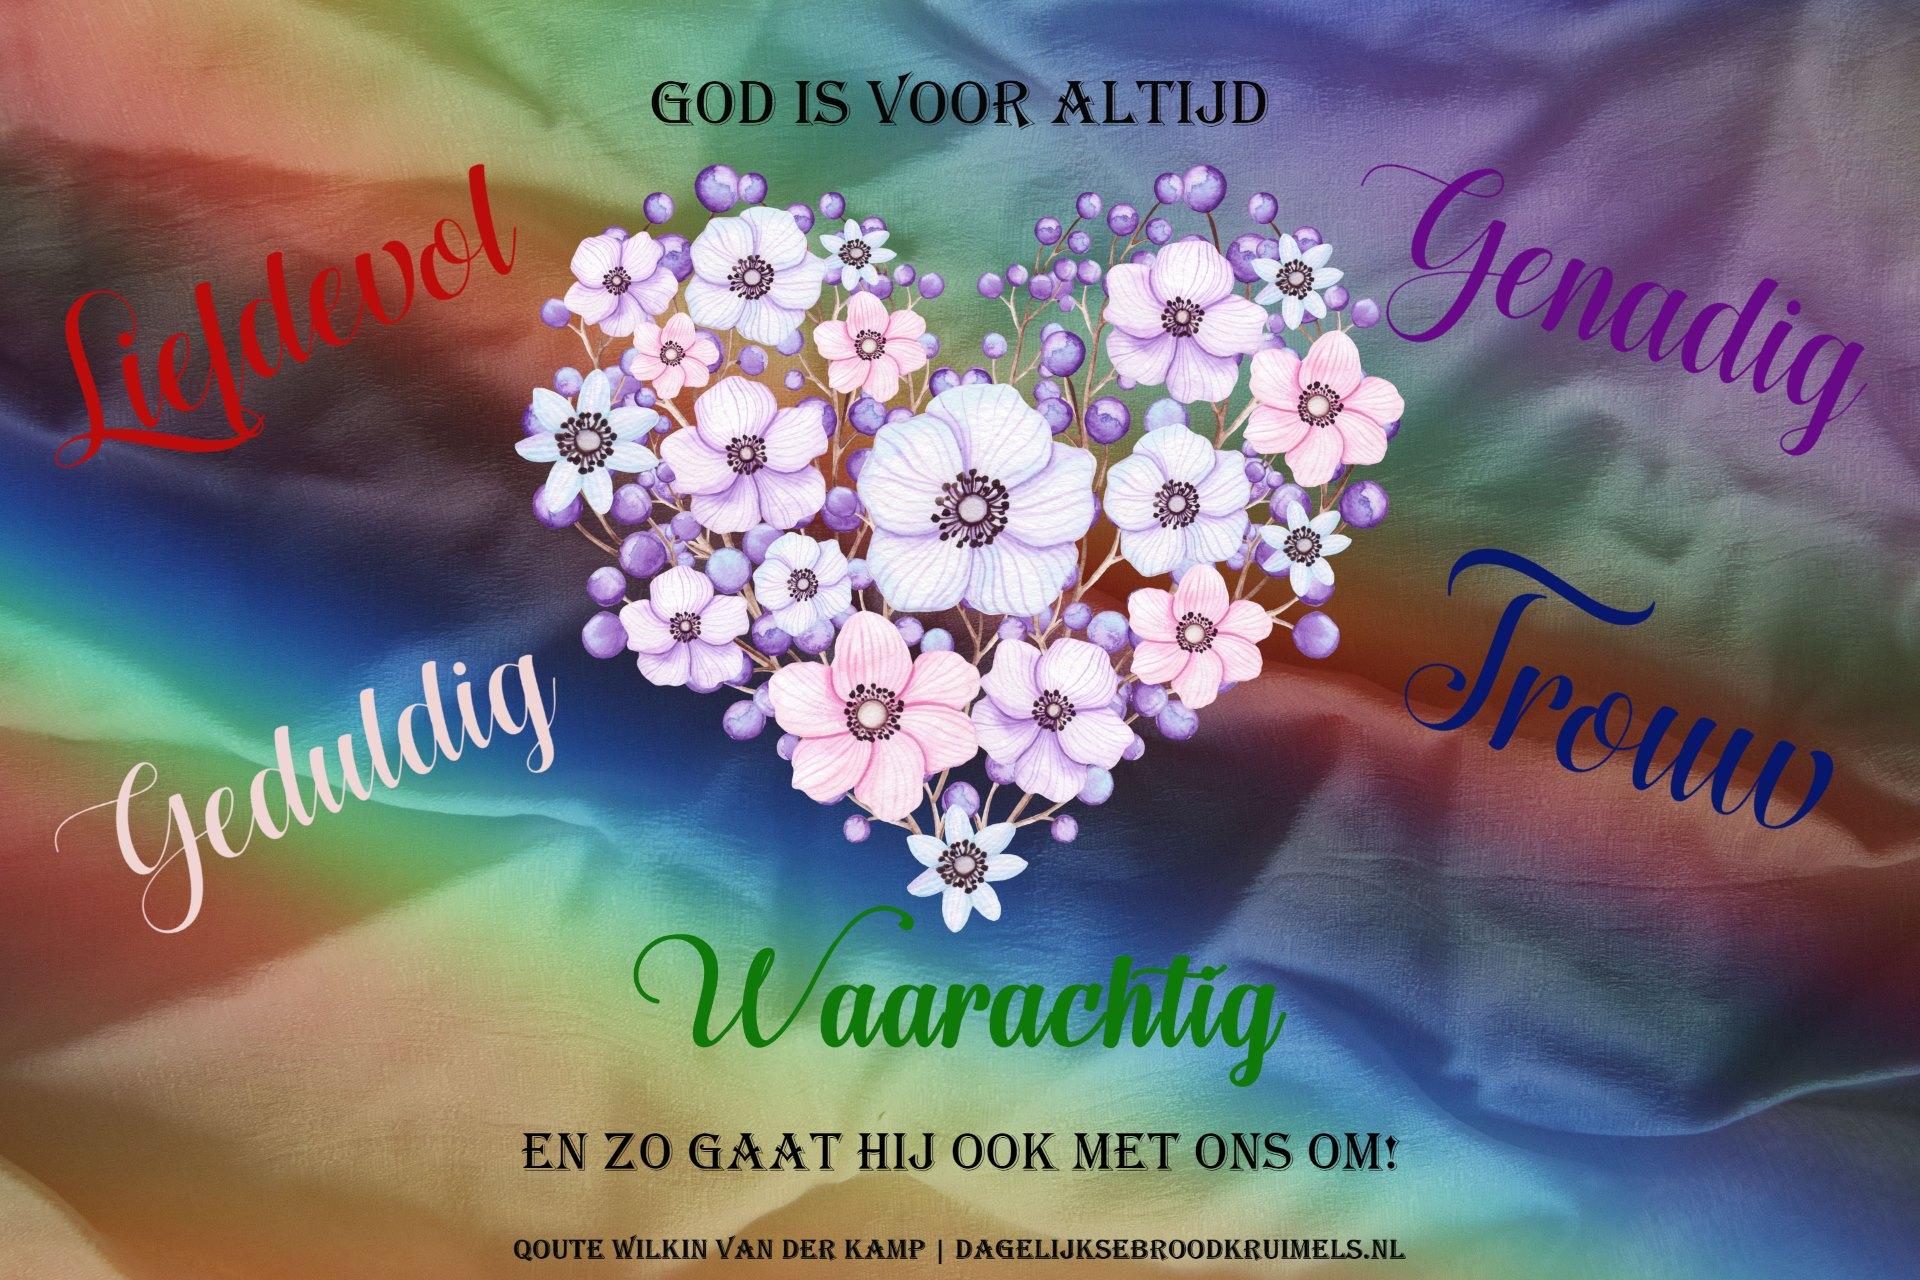 Qoute Wilkin van der Kamp